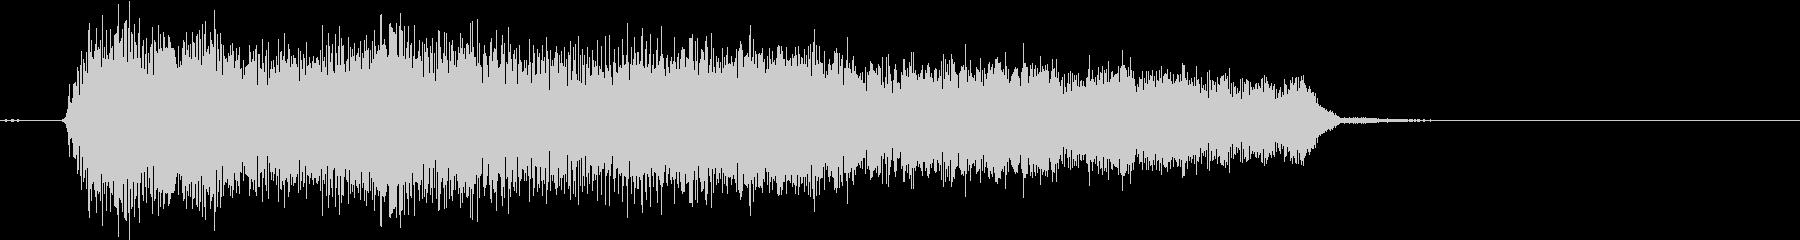 ジャズコードを女声コーラスでの未再生の波形